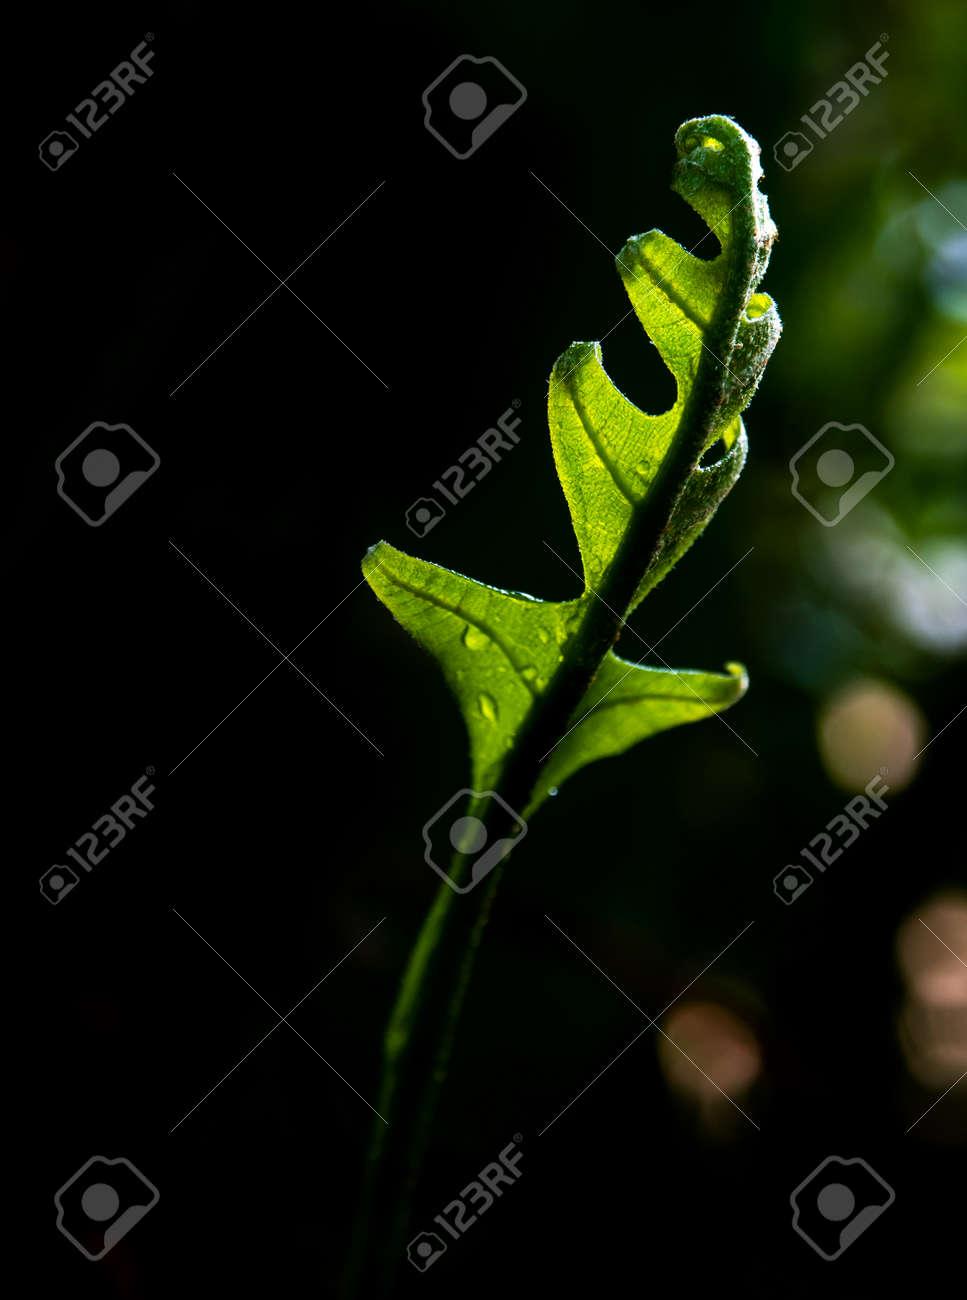 Close-up Freshness green leaves of Oak-Leaf fern on natural background - 167263709